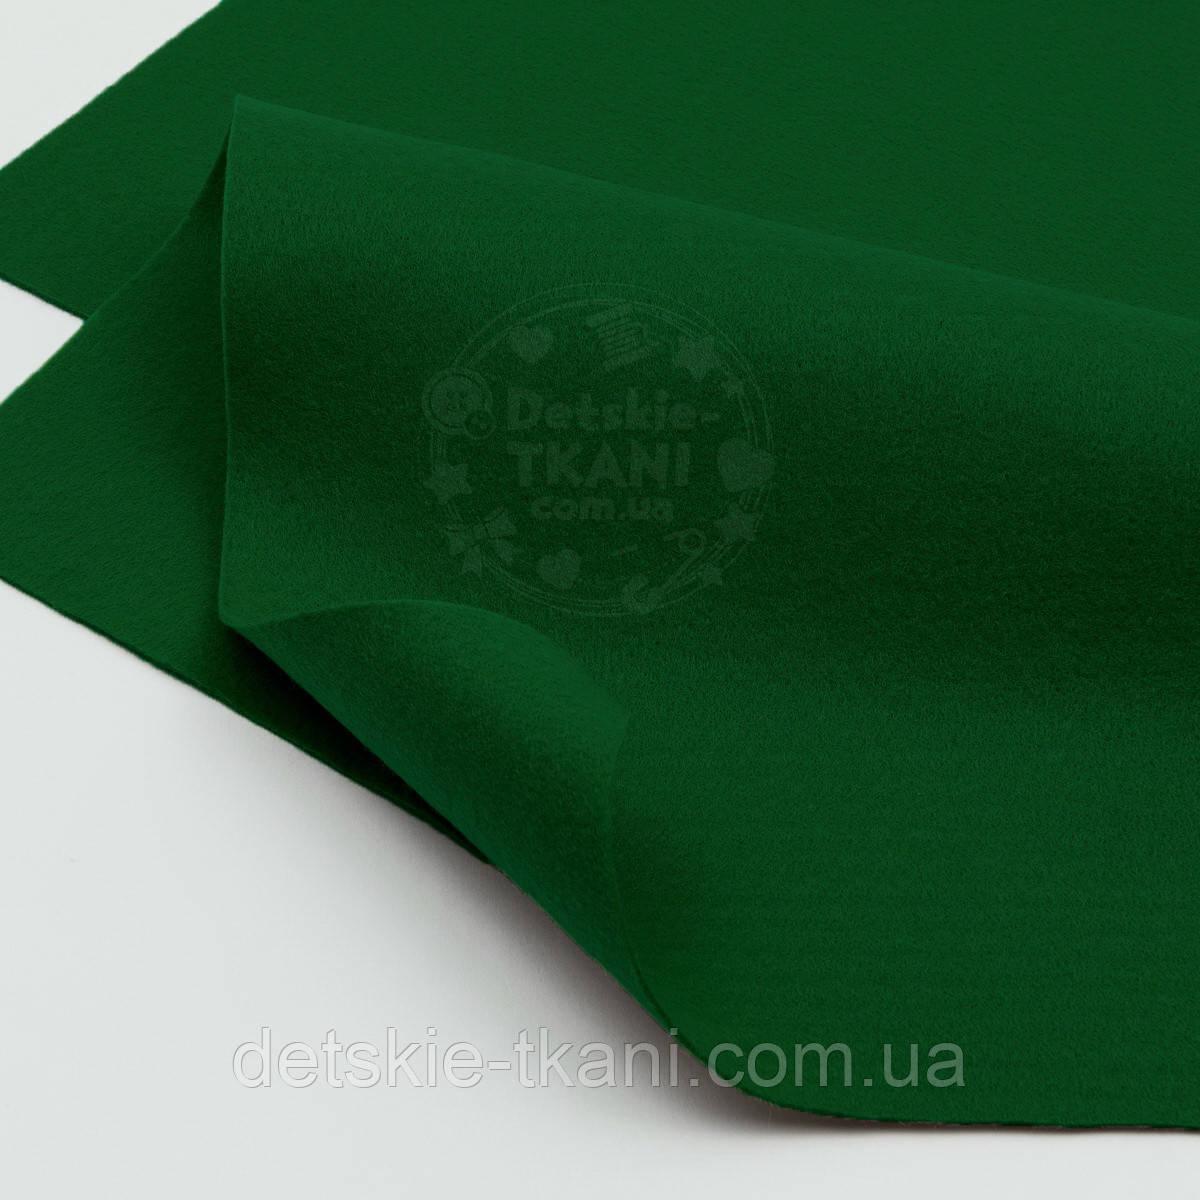 Мягкий листовой фетр тёмно-зелёного цвета 20*30 см (ФМ-23)